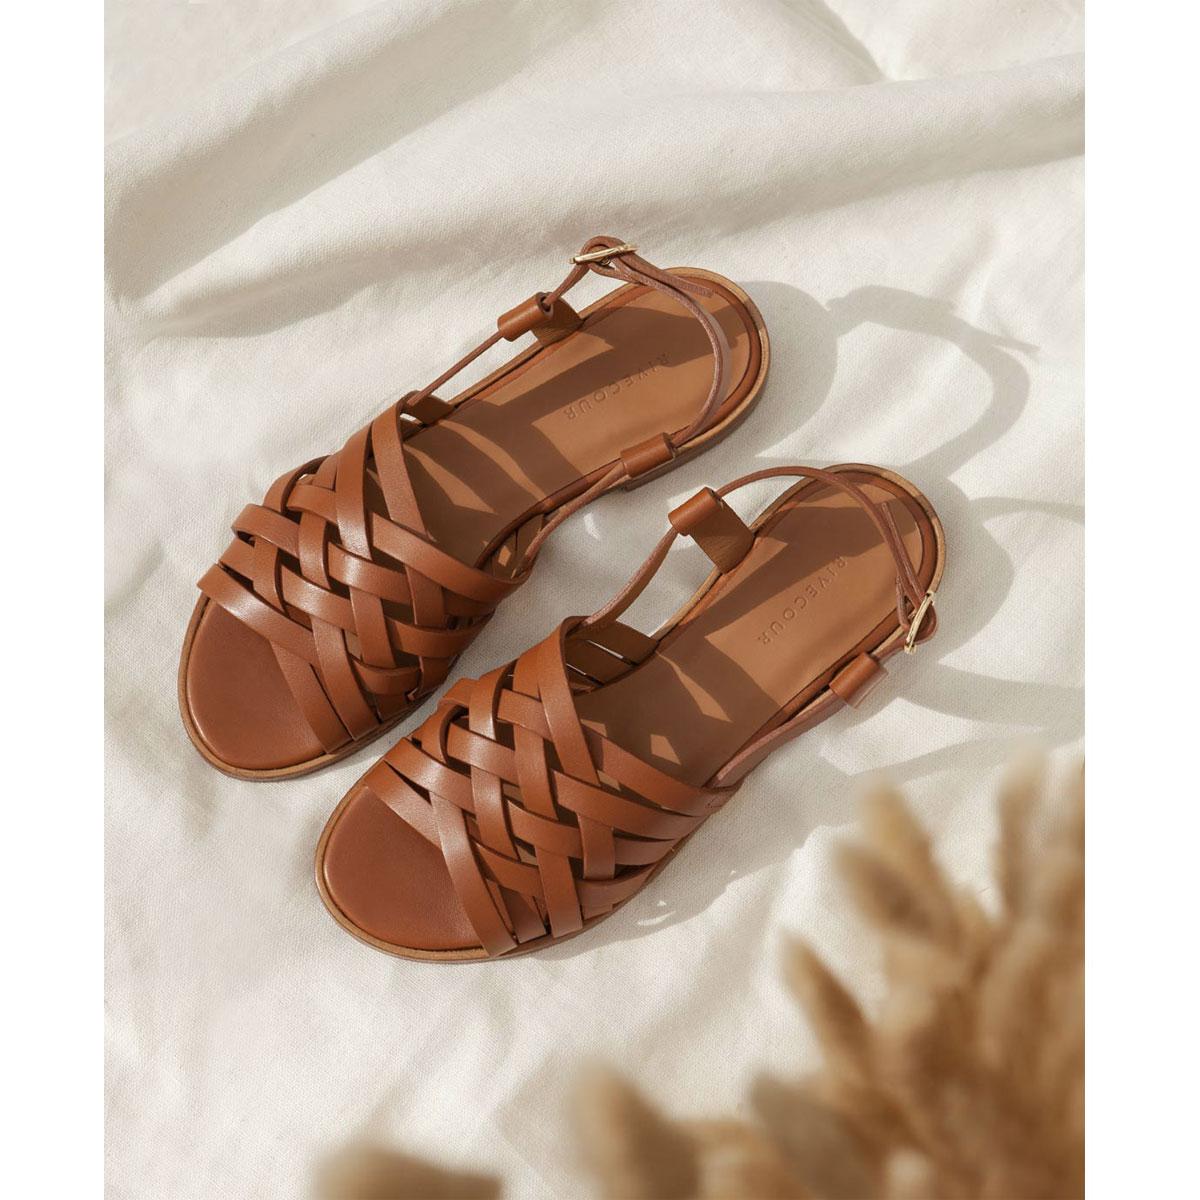 Sandales N°63 Cognac